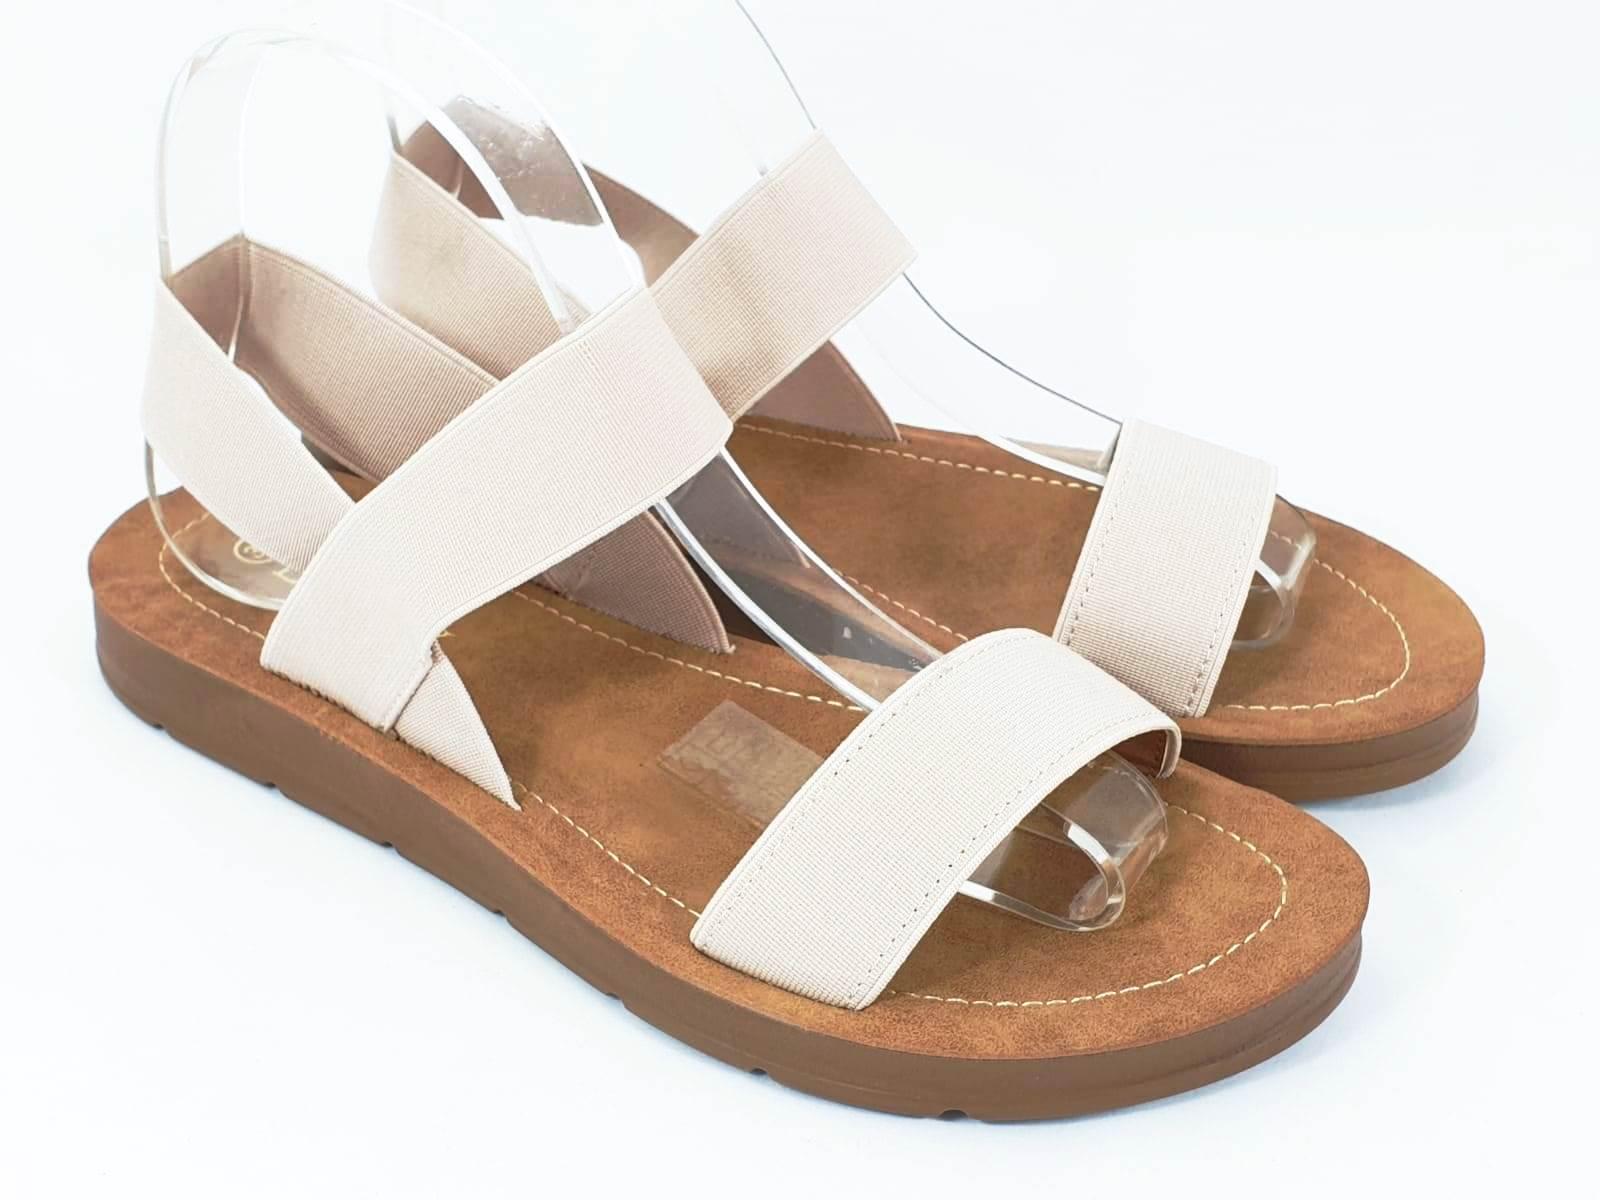 Sandale dama bej Zore